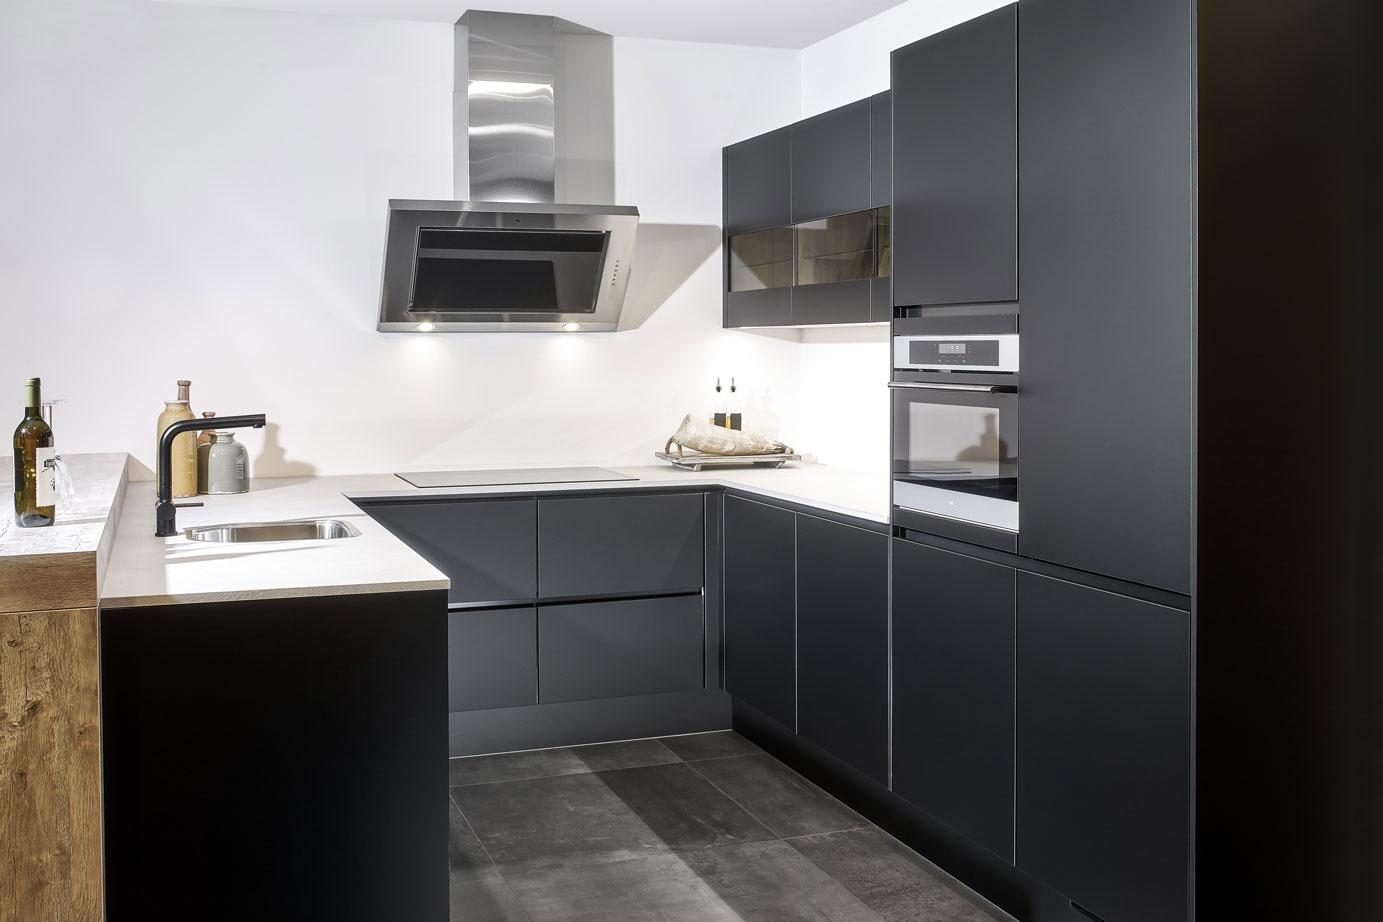 Moderne U Keukens : Zwarte u keuken met greeploos front bekijk foto s db keukens